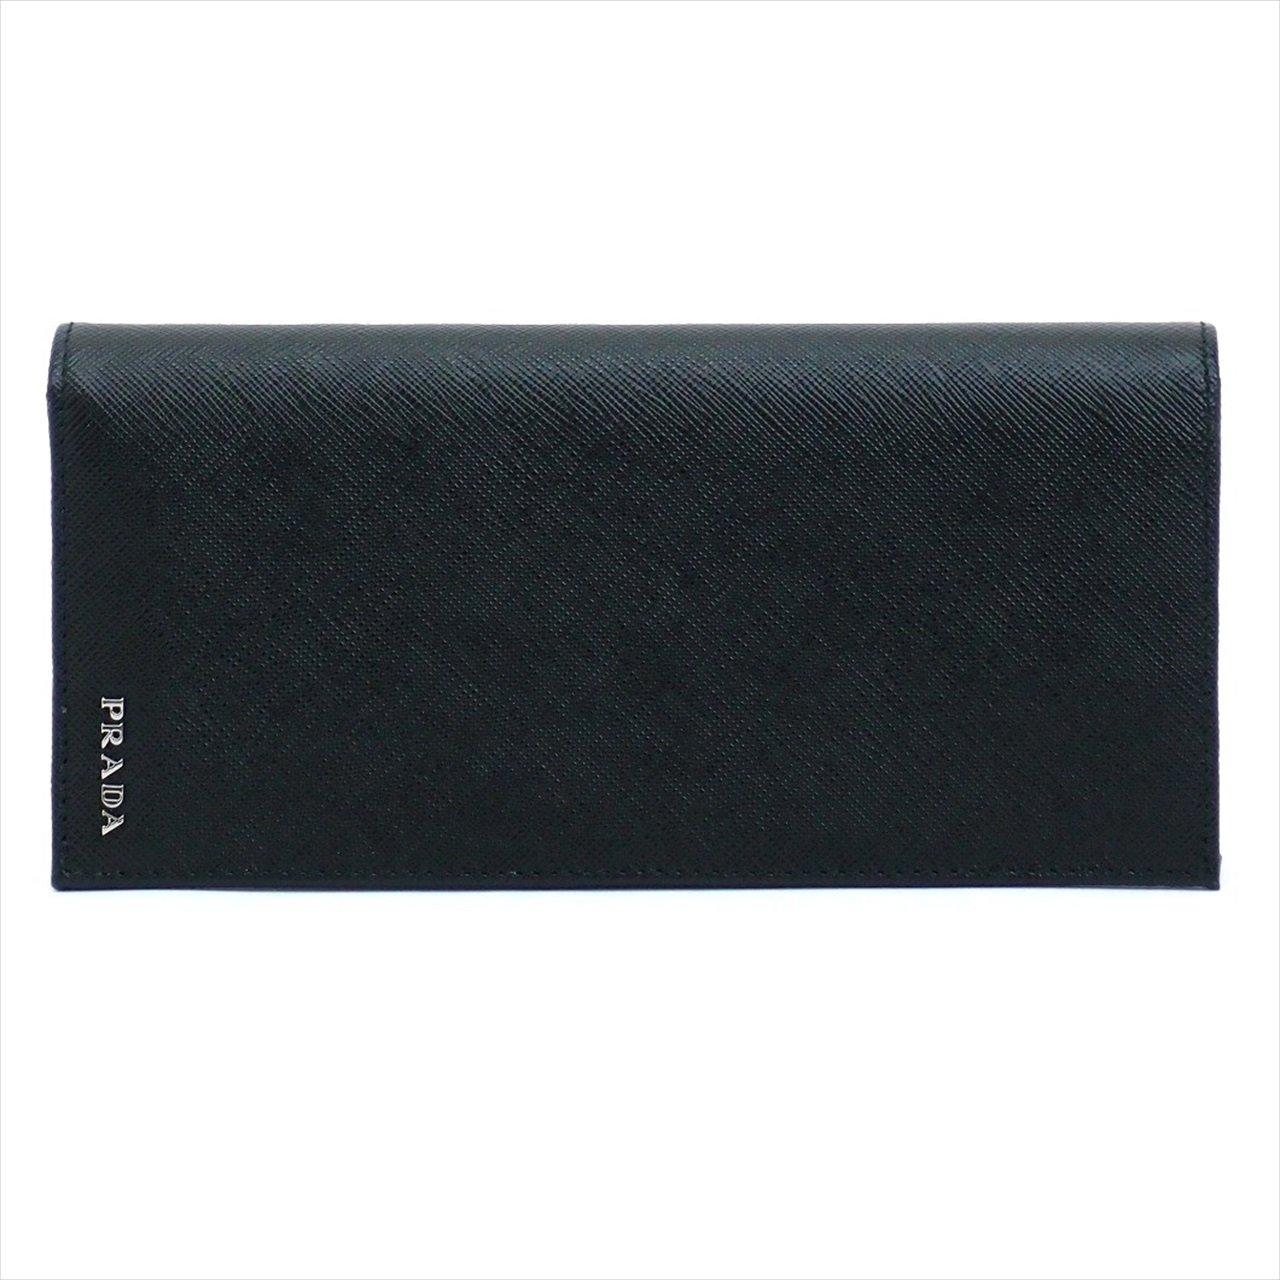 プラダ 財布 メンズ 長財布 NERO 黒 レザー 2MV836-2E26-F0R8F [アウトレット品] [並行輸入品] B0777C456Q